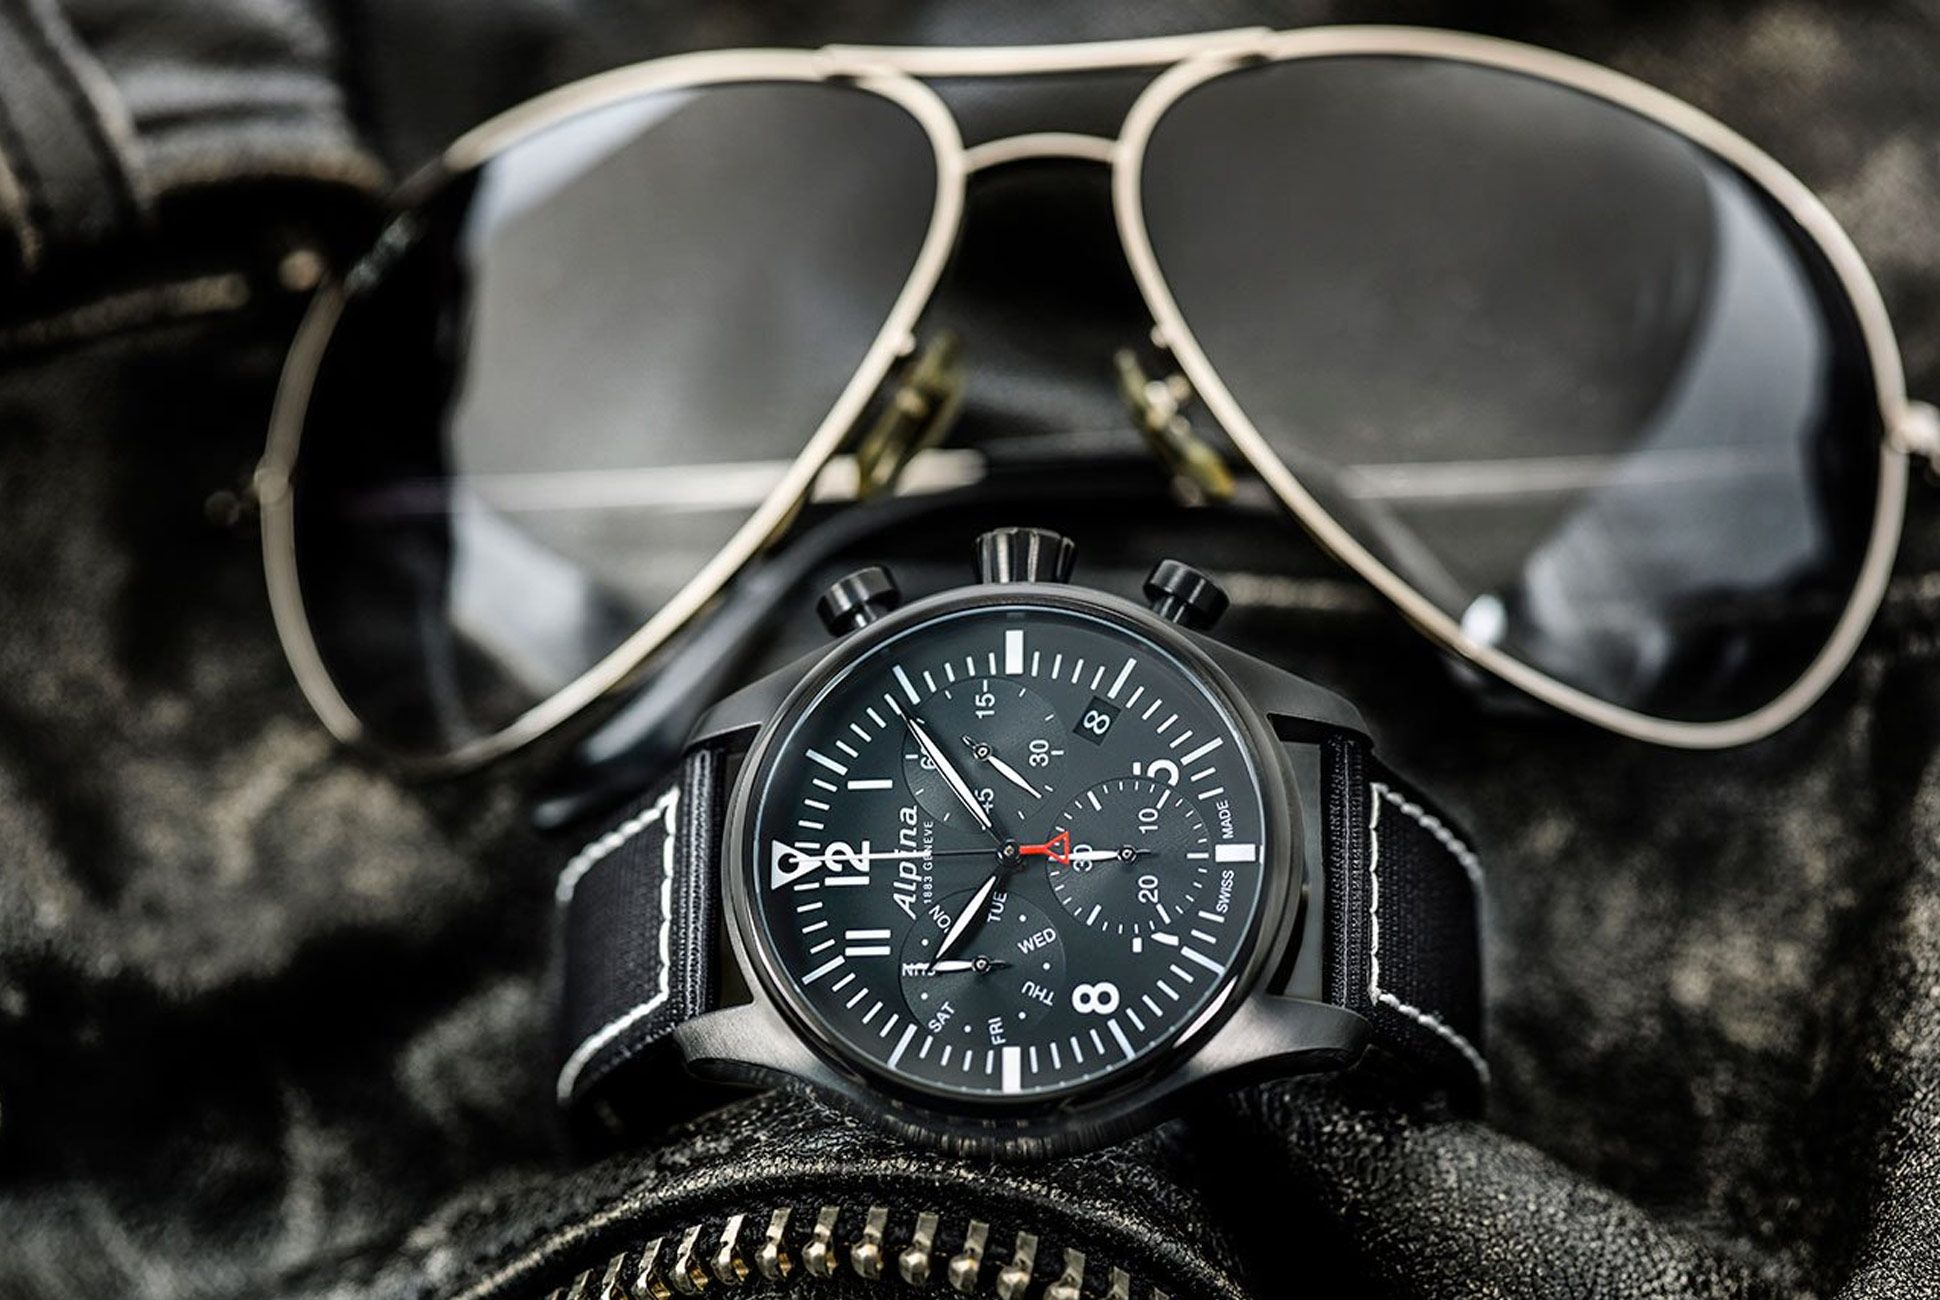 Alpina-Startimer-Pilot-Quartz-Chrono-gear-patrol-4